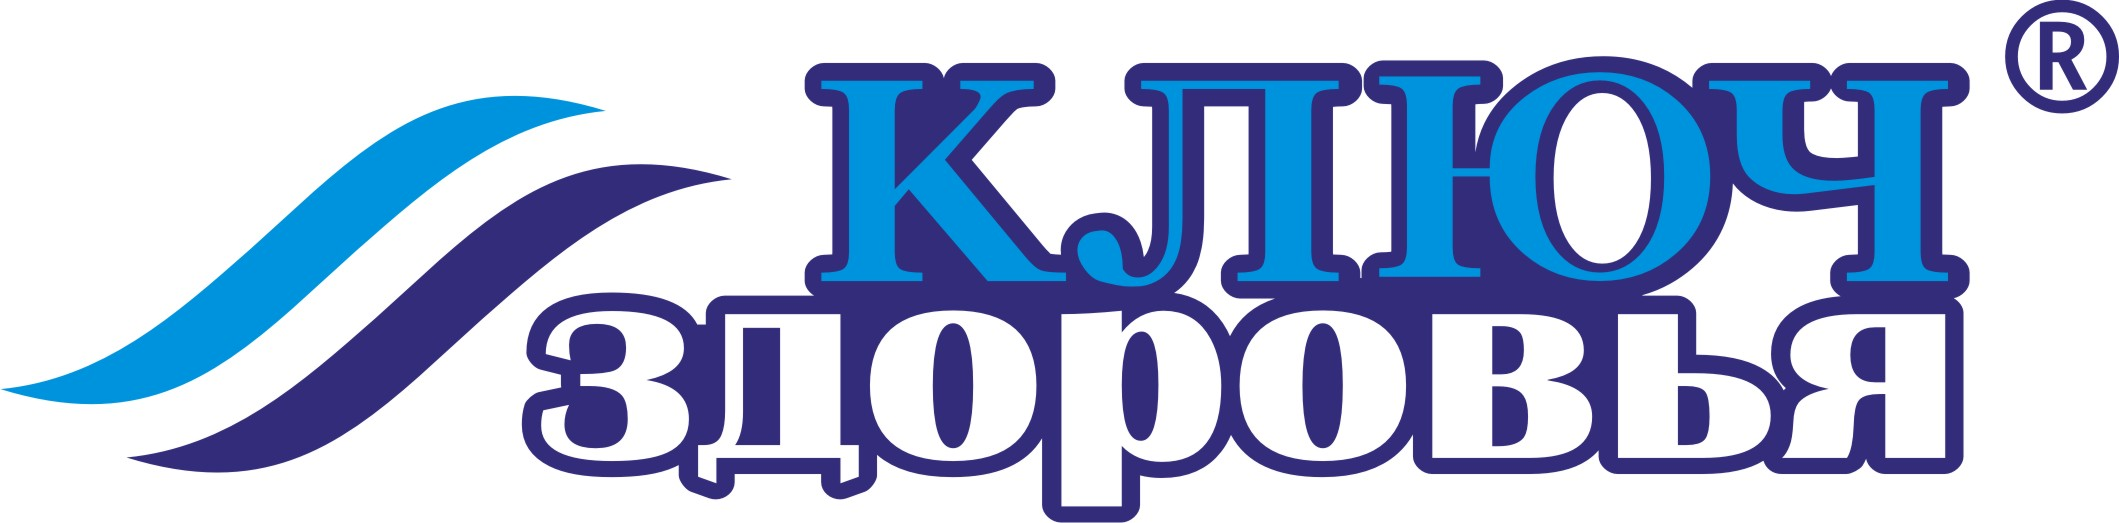 Логотип Ключ здоровья